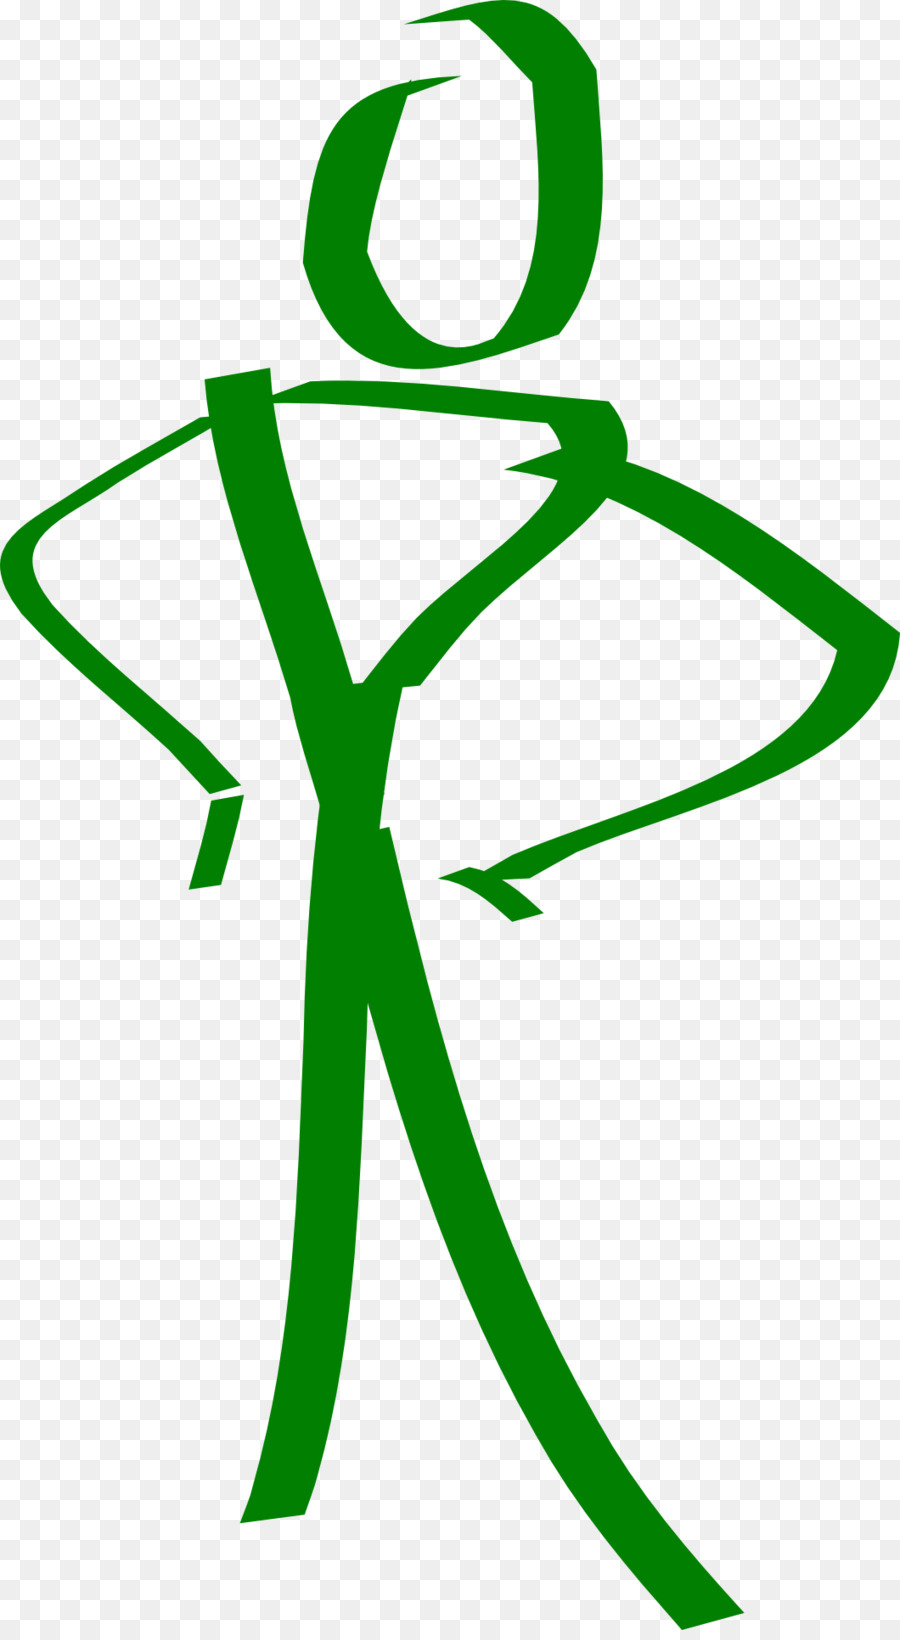 900x1640 Pictures Stick Figure Clip Art,